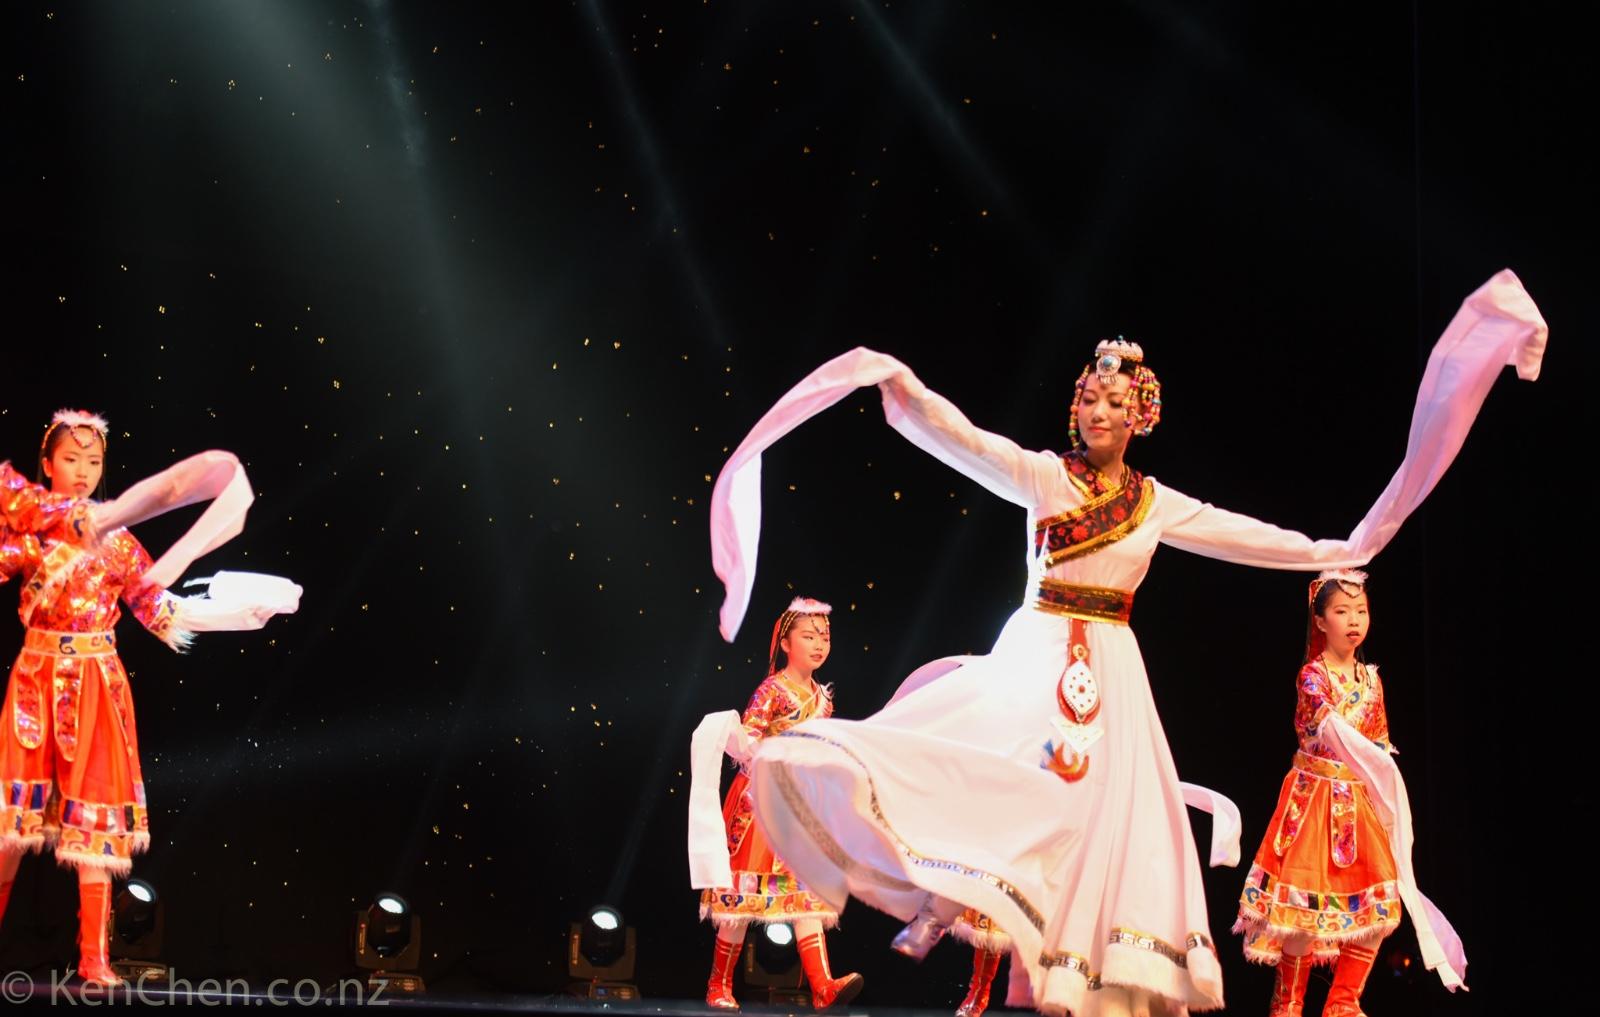 第四届2019新西兰多元化专业舞蹈交流晚会_kenchen.co.nz_9376.jpg